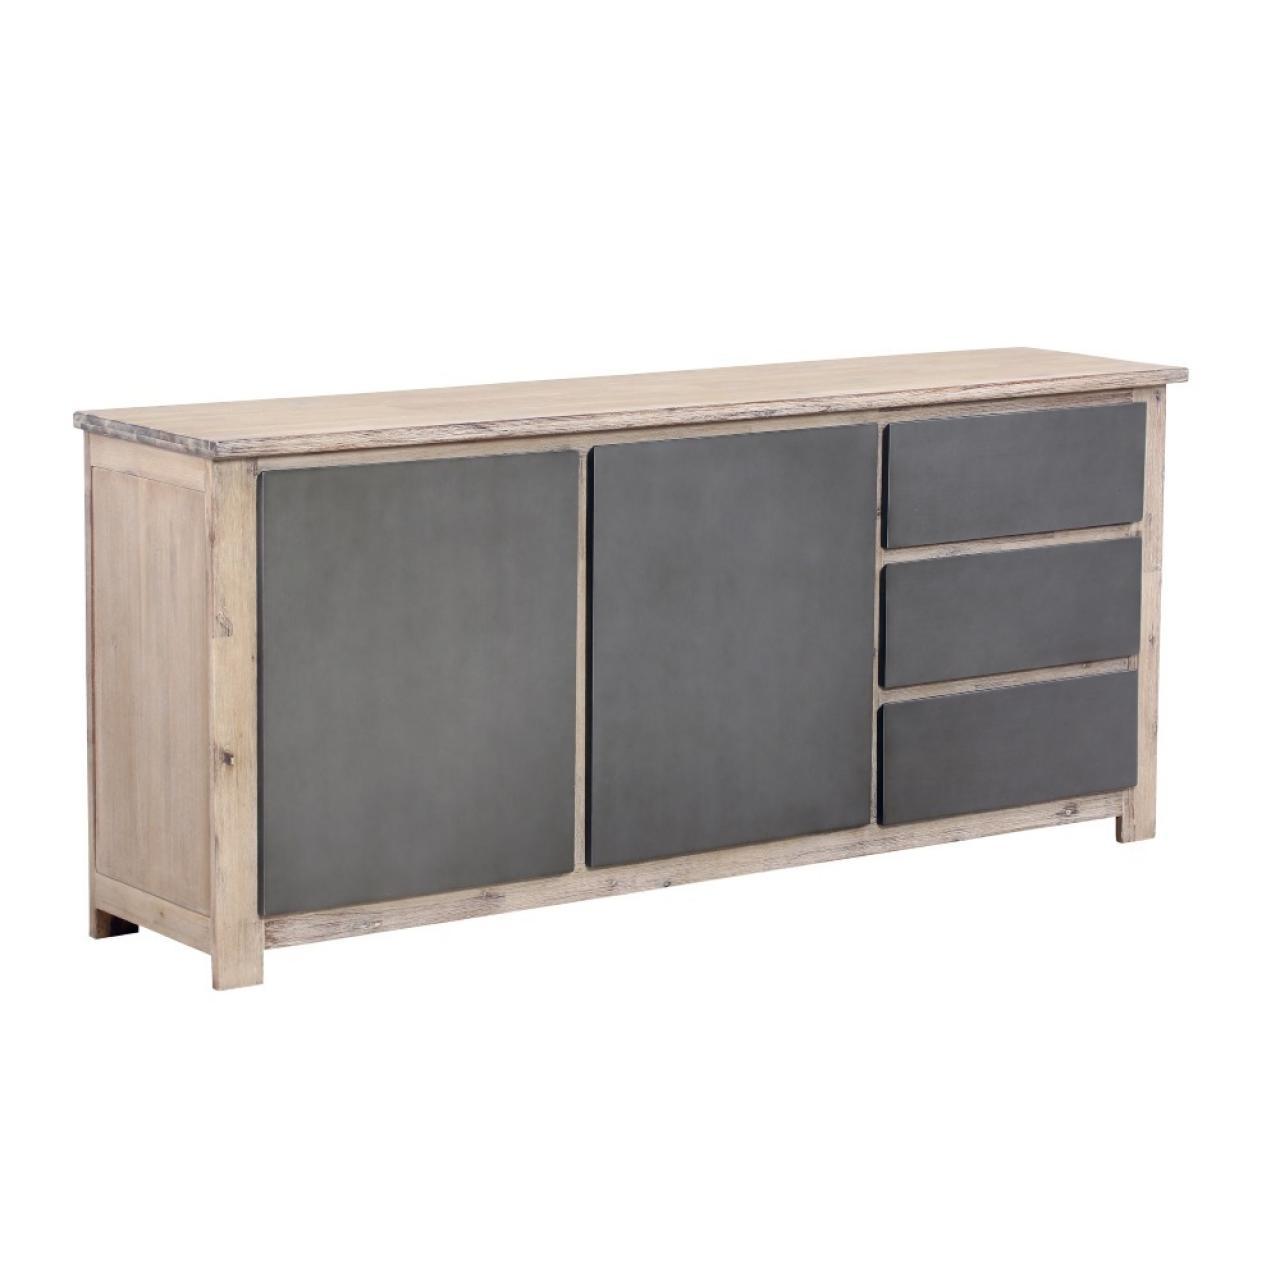 Sideboard RFD, Anrichte, Kommode, Echtholz, 2 Türen, 4 Schubkästen, montiert